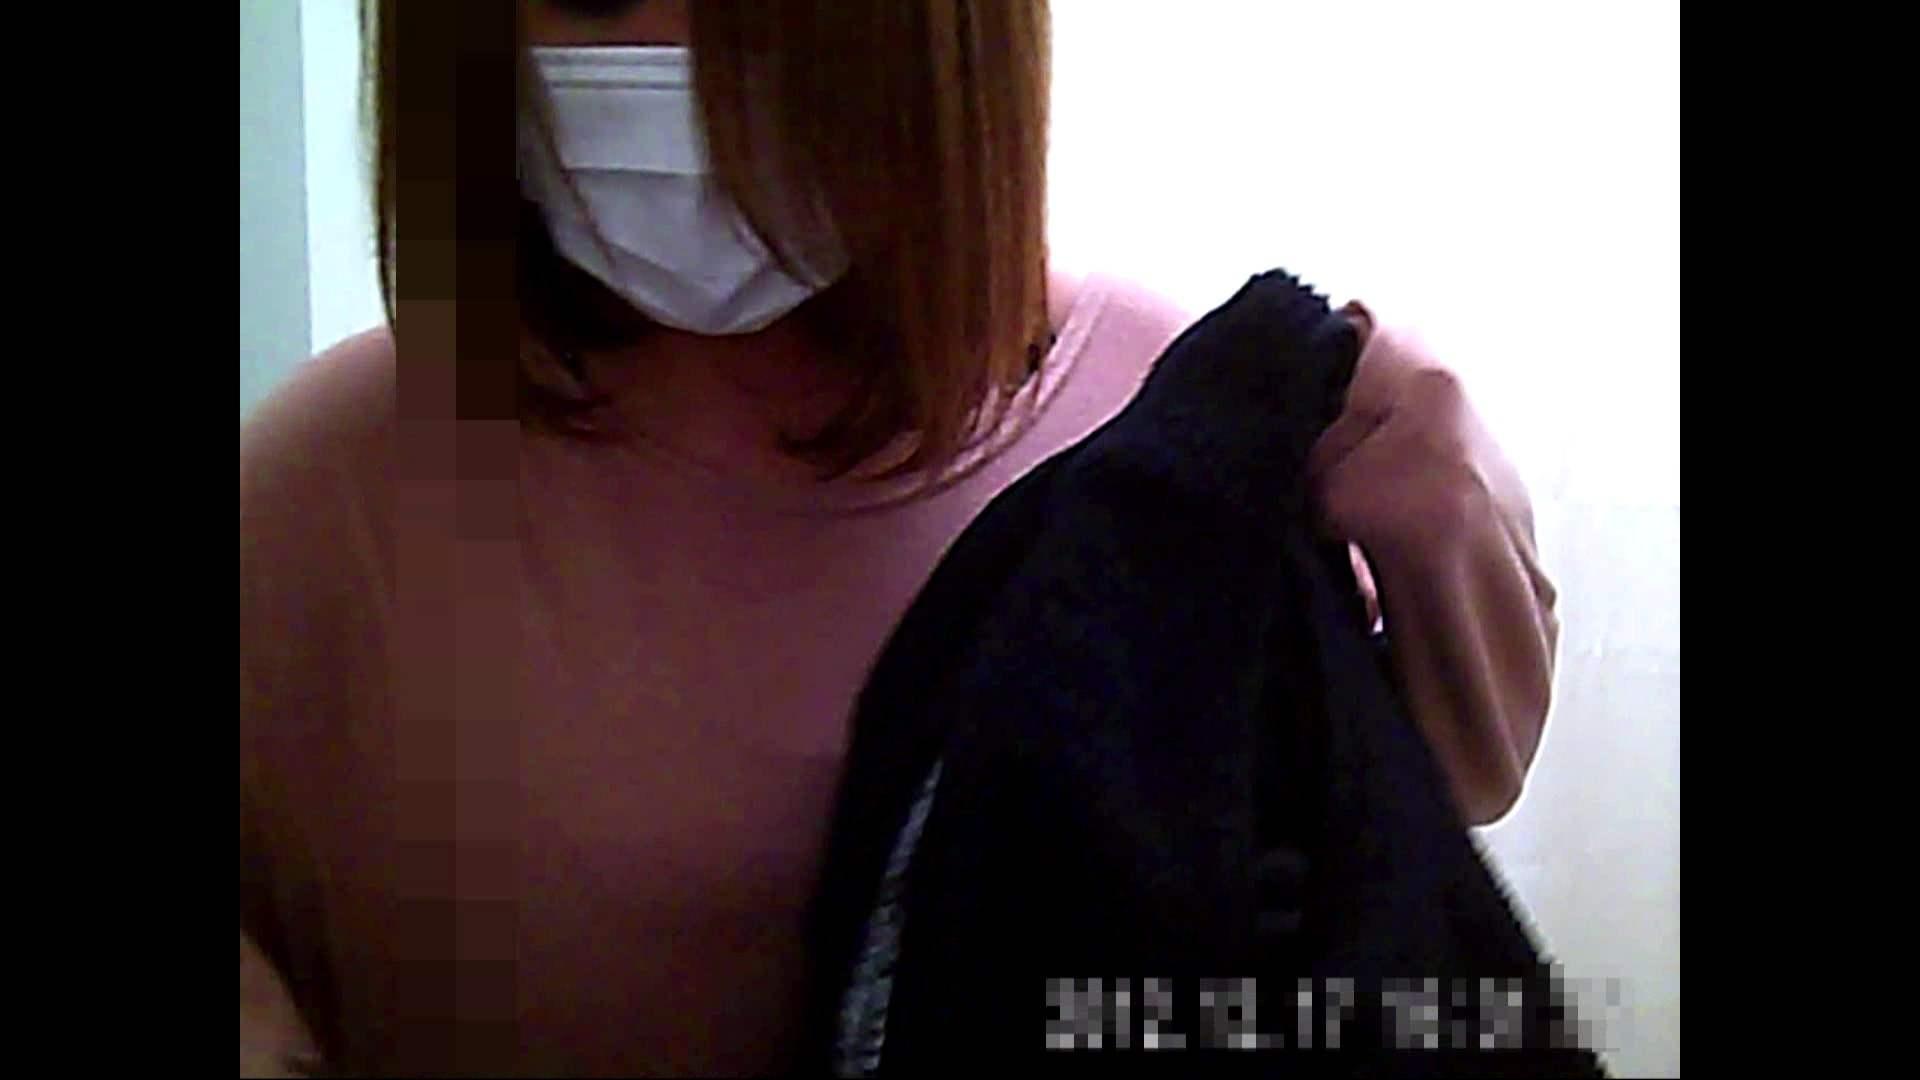 病院おもいっきり着替え! vol.180 OLの実態 盗撮オマンコ無修正動画無料 99pic 23